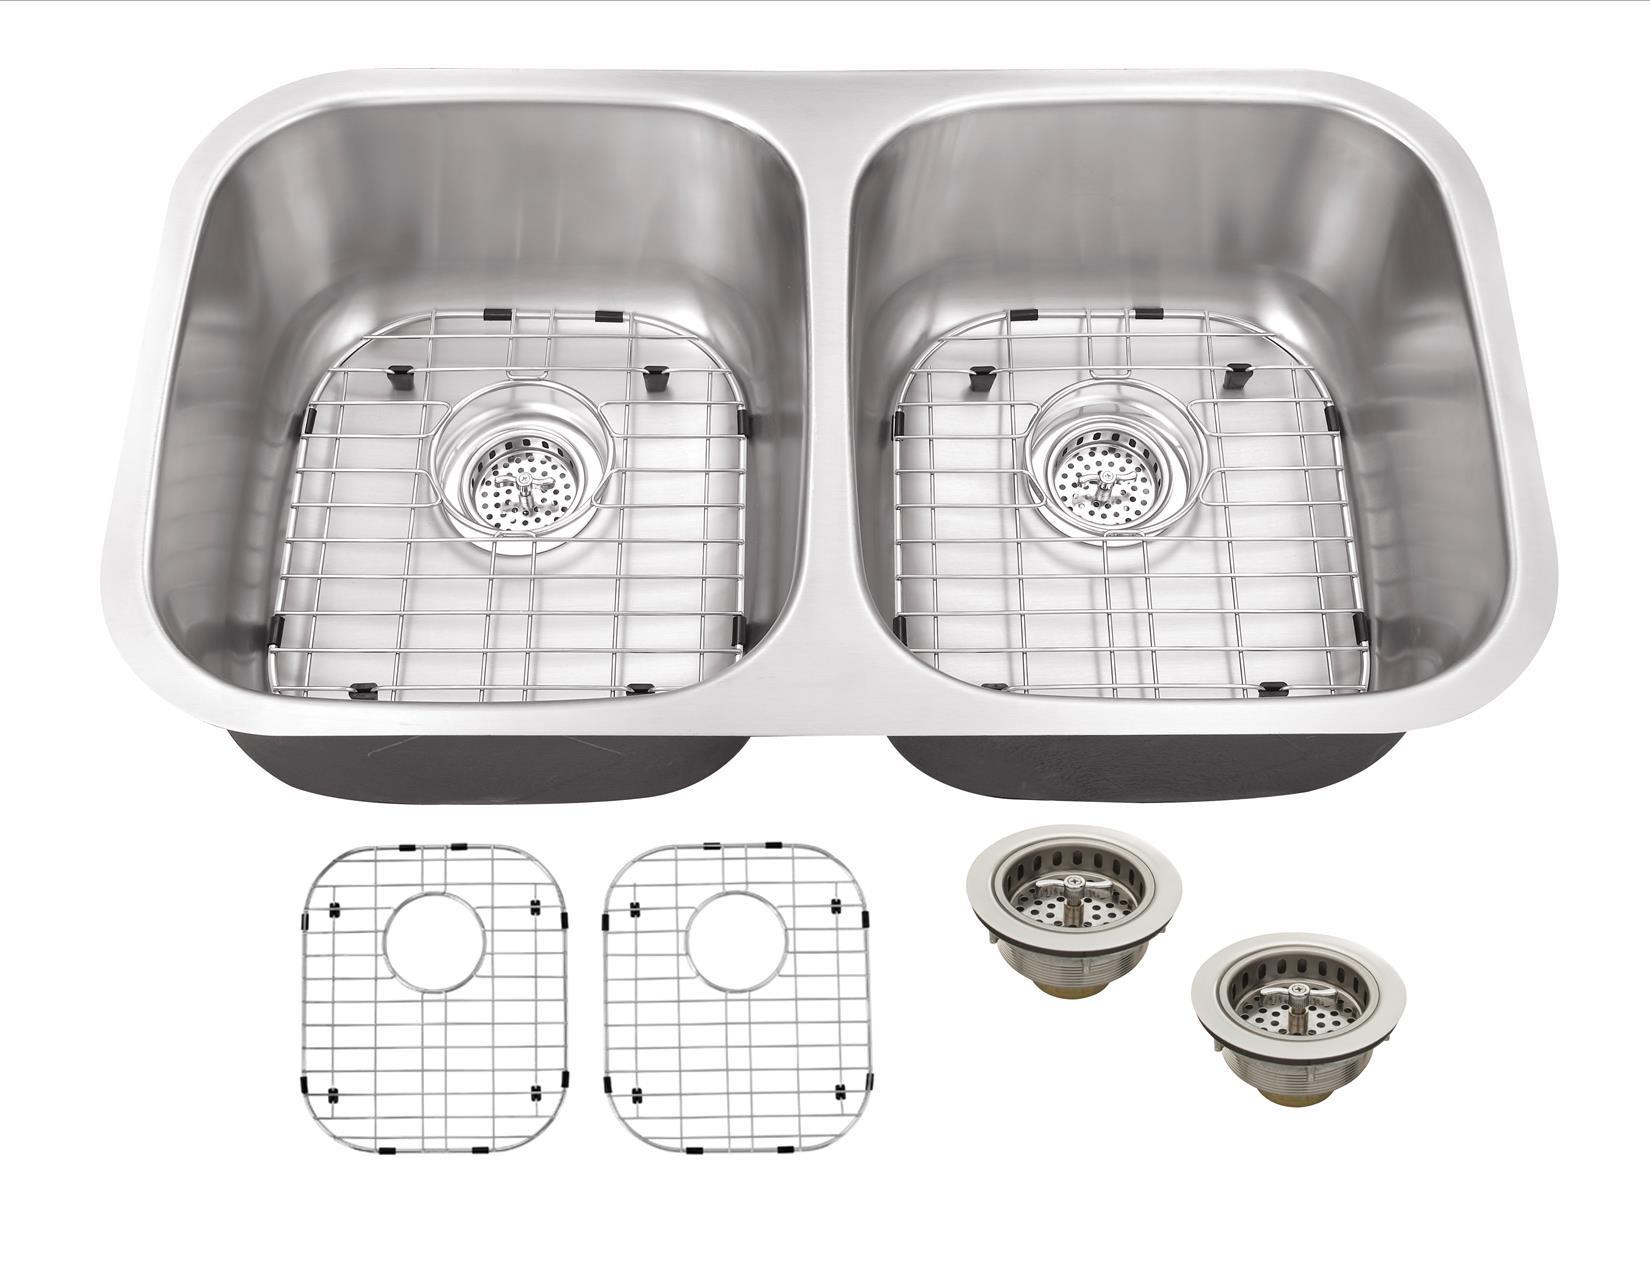 Cahaba CA122129 18 Gauge Double Bowl Kitchen Sink w/ Twist & Lock Strainer